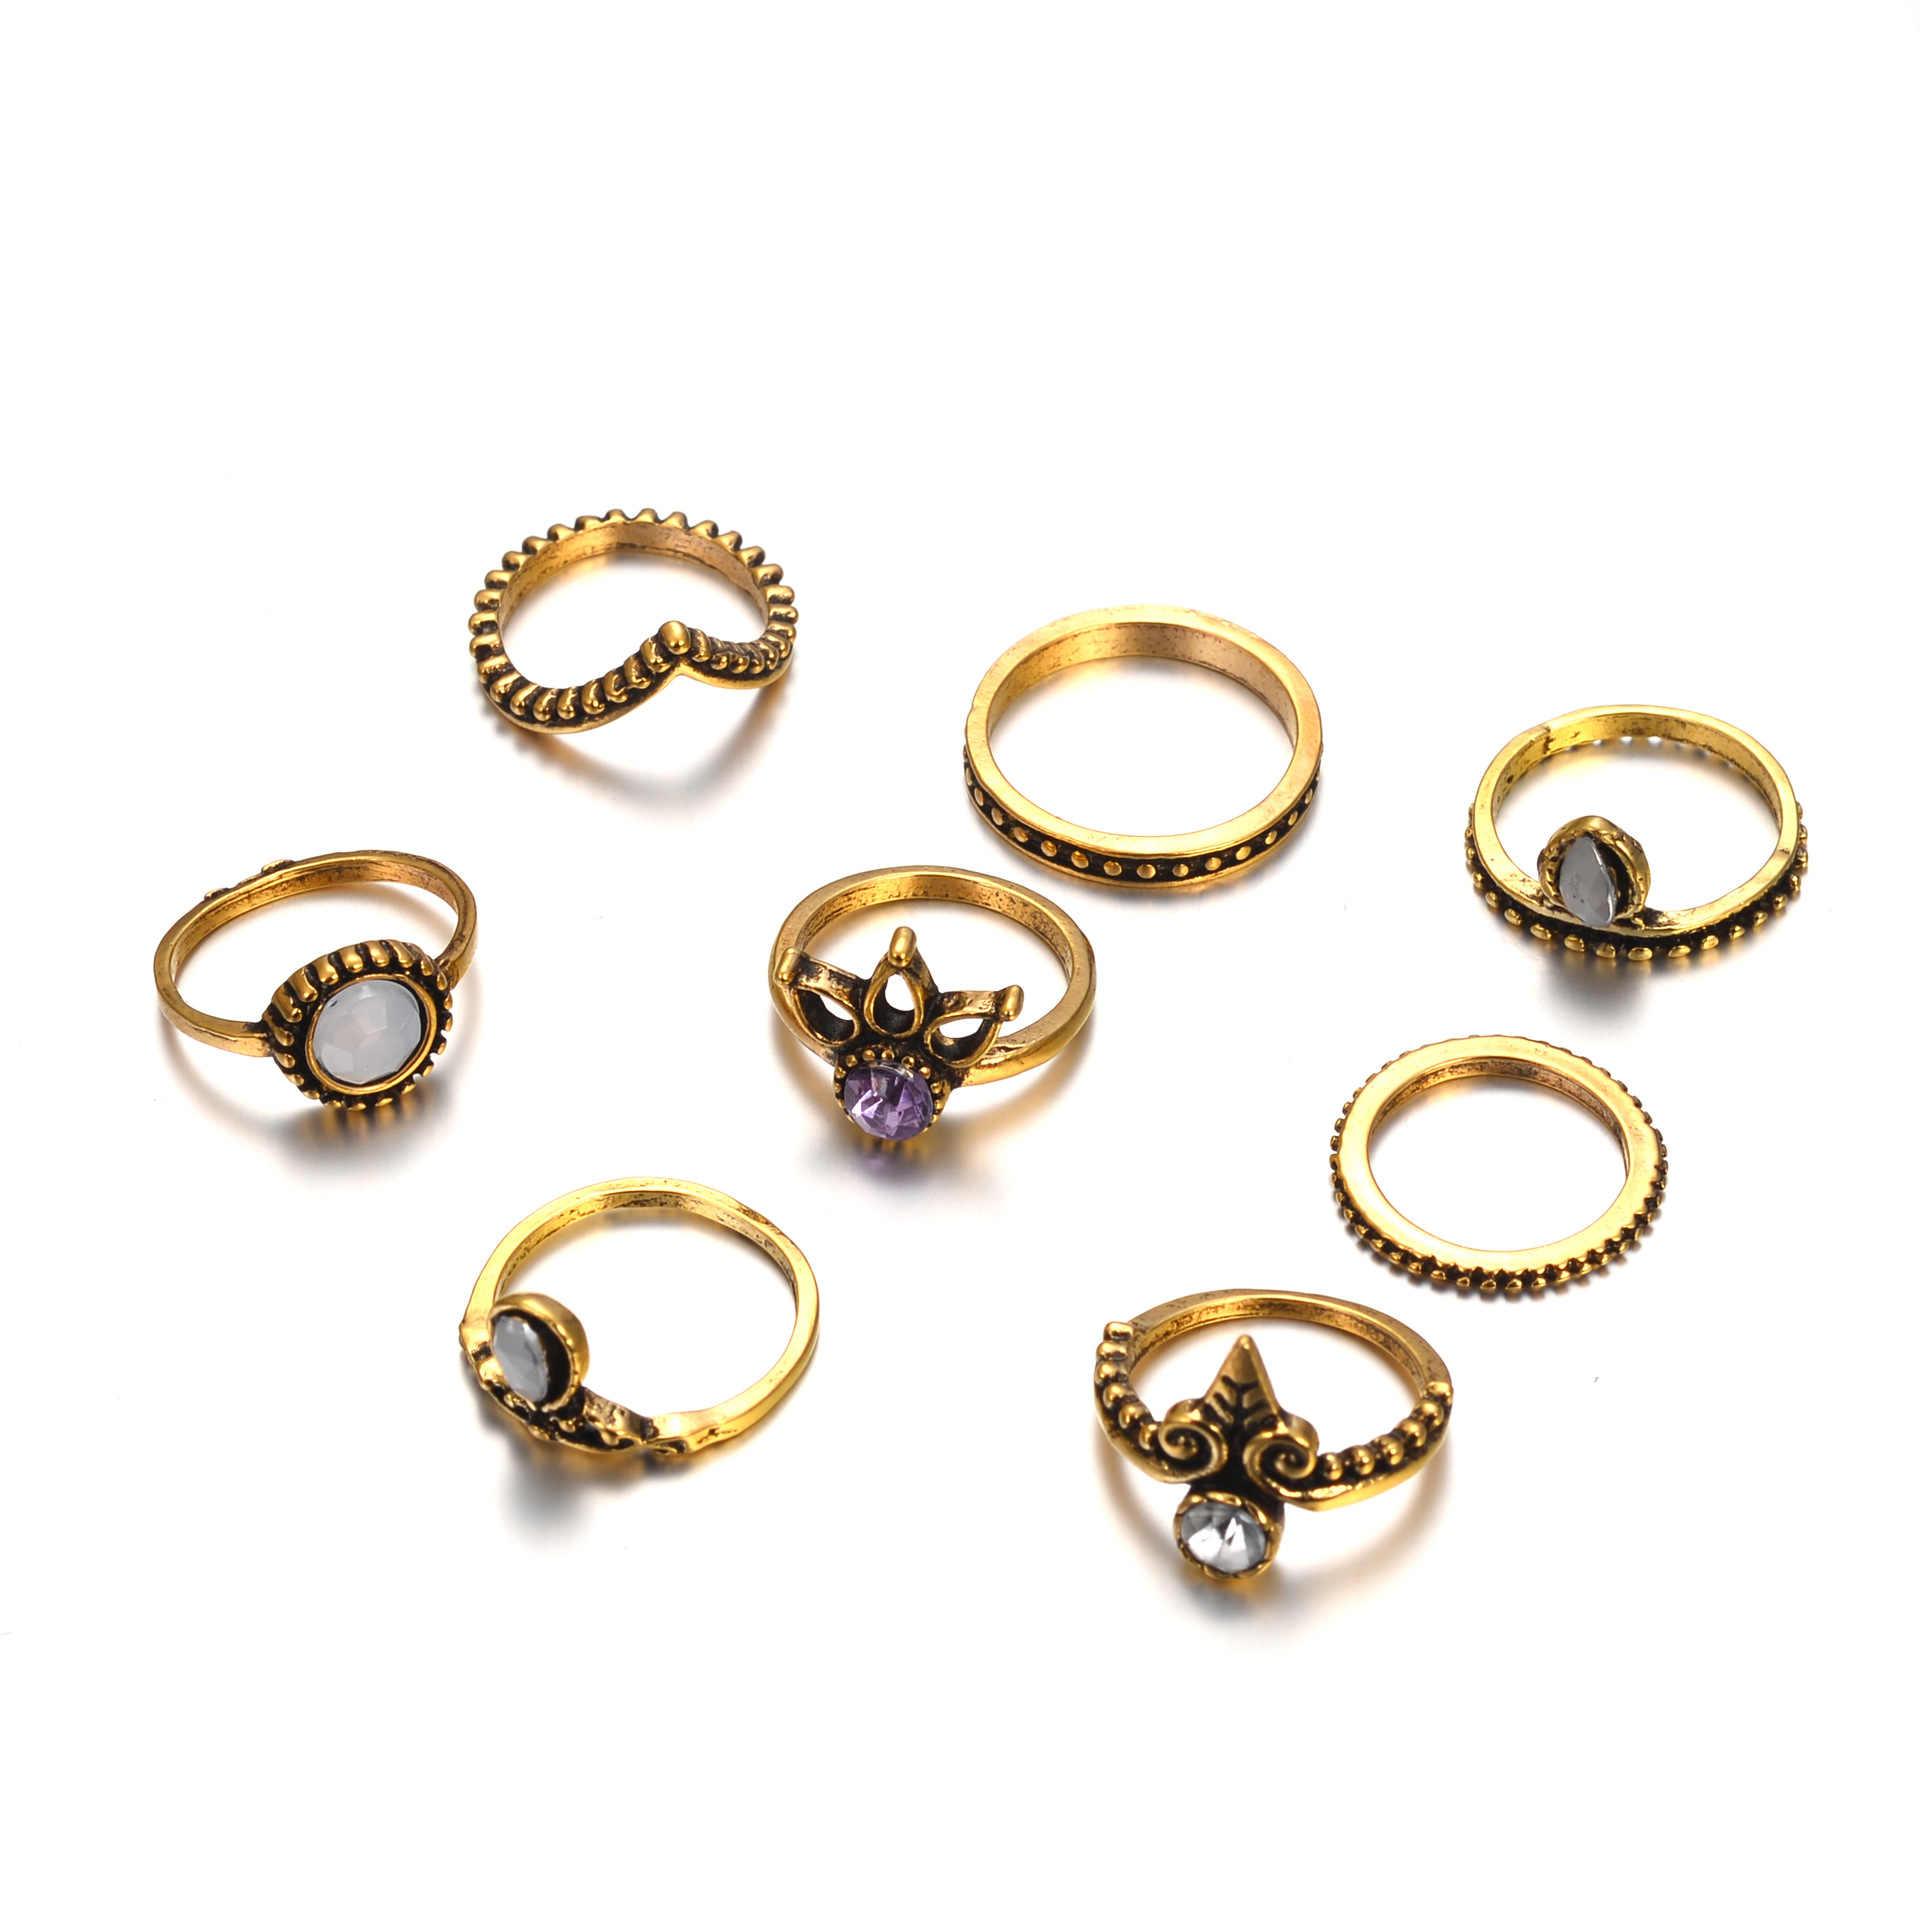 Midiนิ้วแหวนชุดแฟชั่นพังก์ซิลเวอร์โกลด์K Nuckleแหวนสำหรับผู้หญิงหญิงBohoเครื่องประดับวินเทจBagueเด็กหญิง